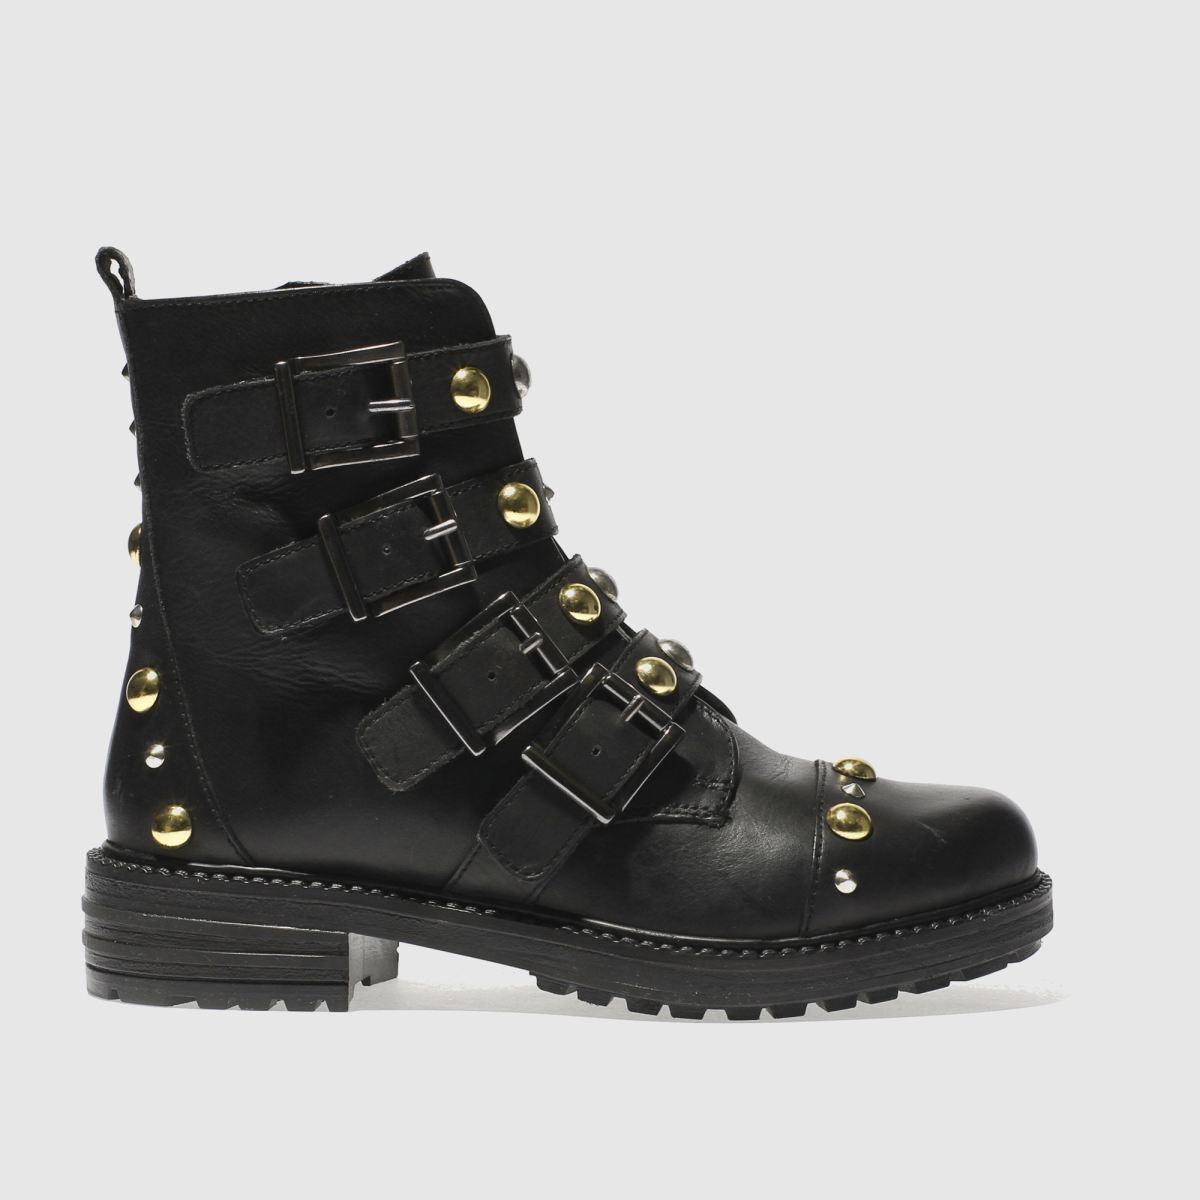 Schuh Black Statement Boots